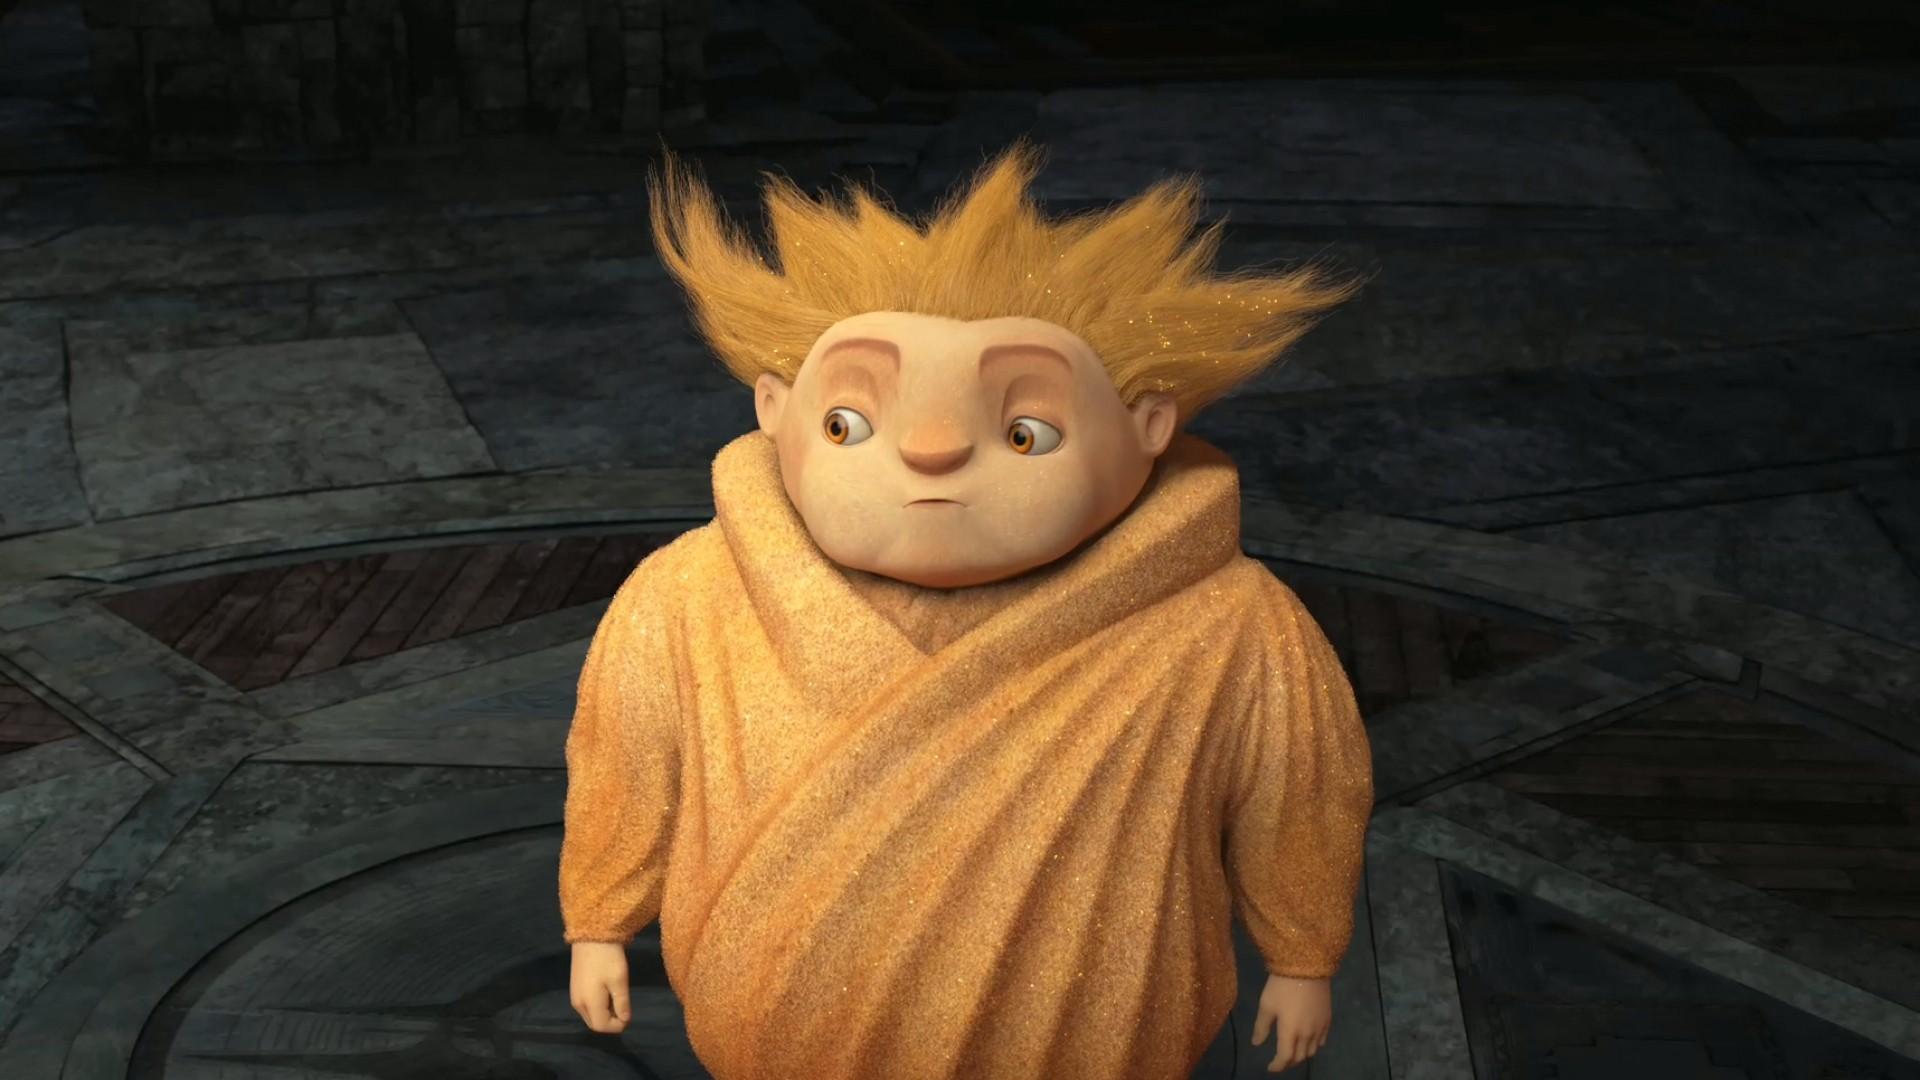 sand man - Bing images